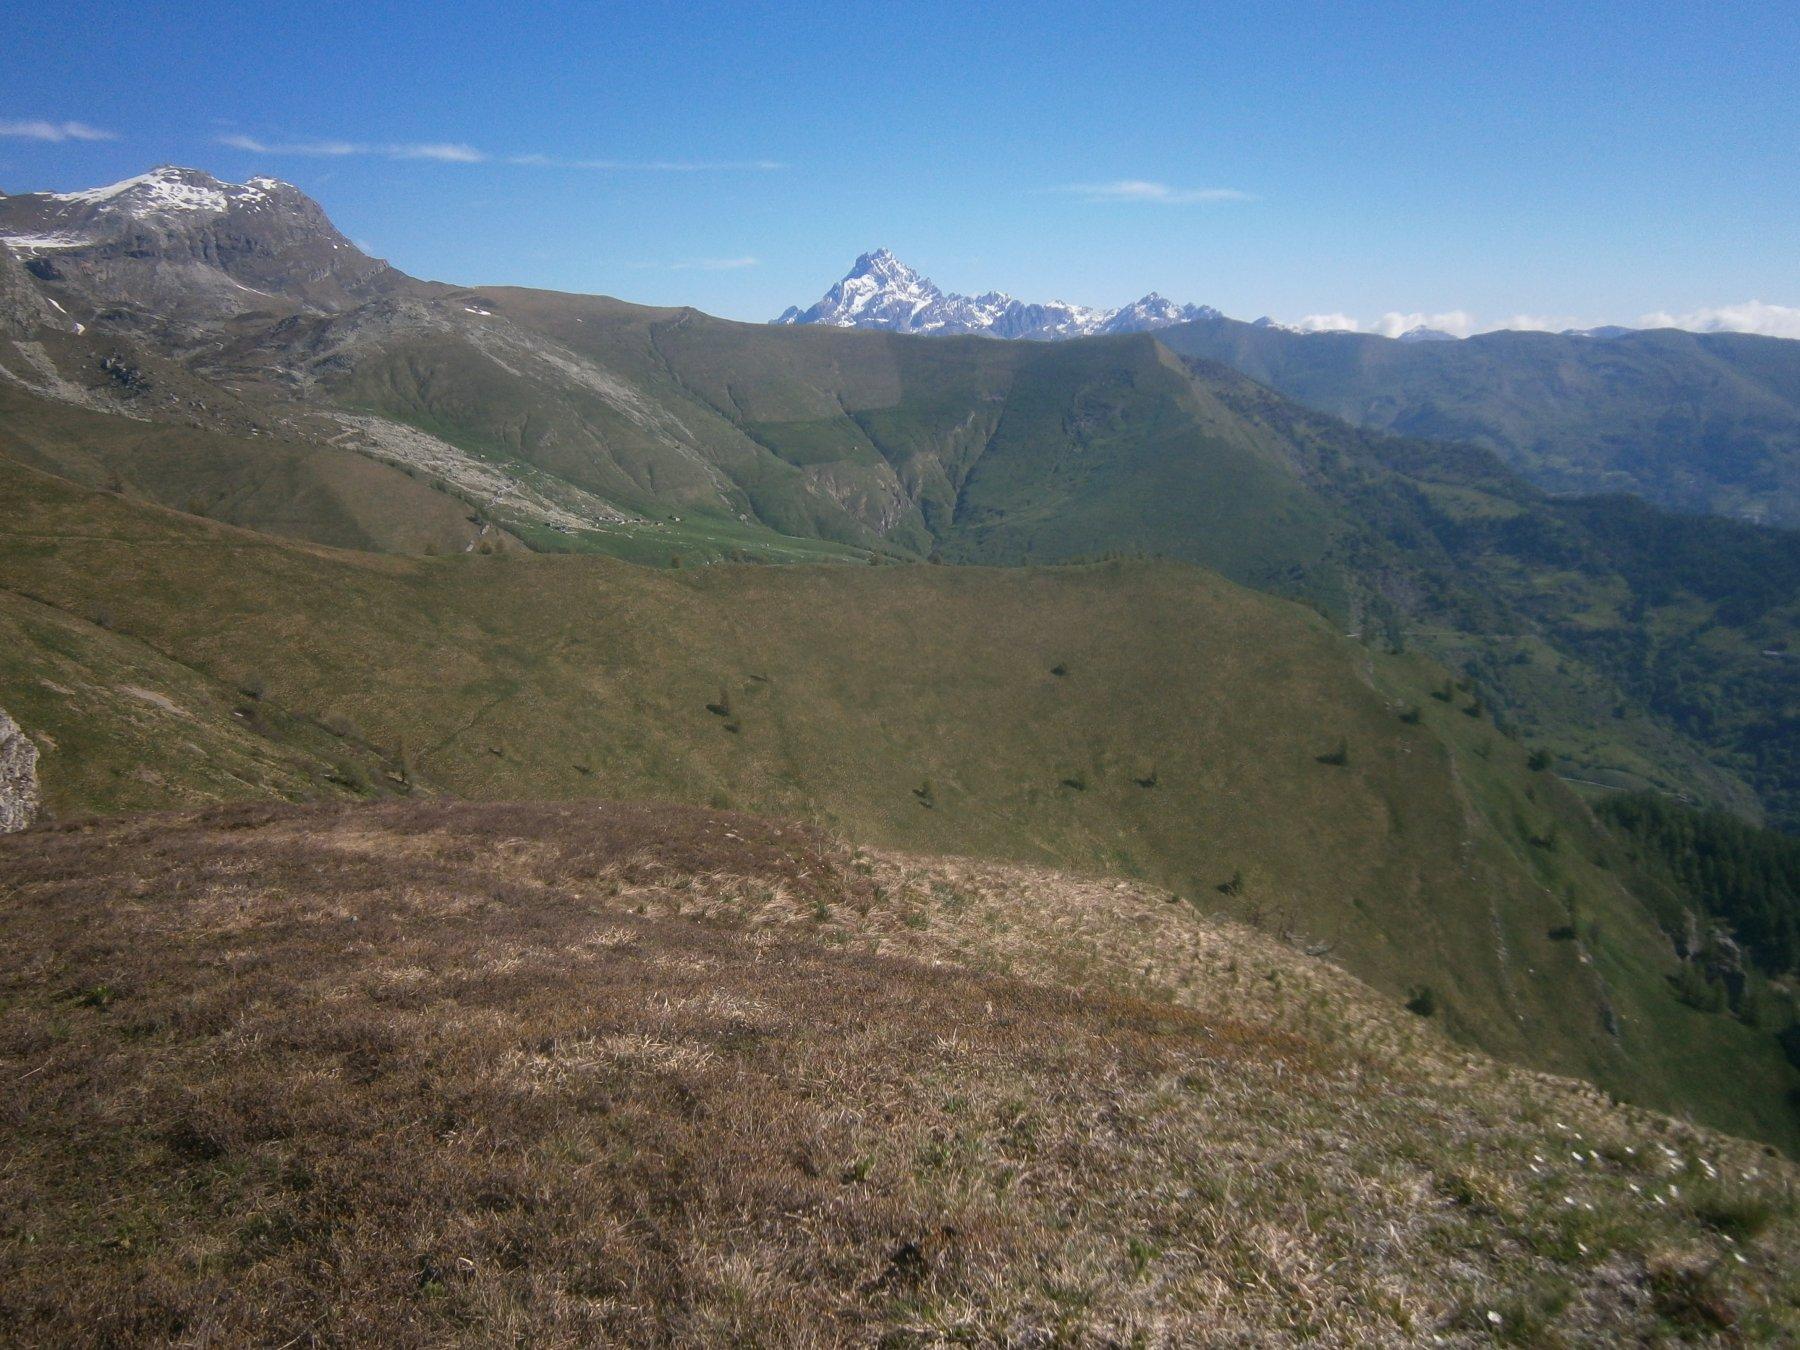 A scendere: Viso, Ciarmetta e Barsi da rocca Narbena